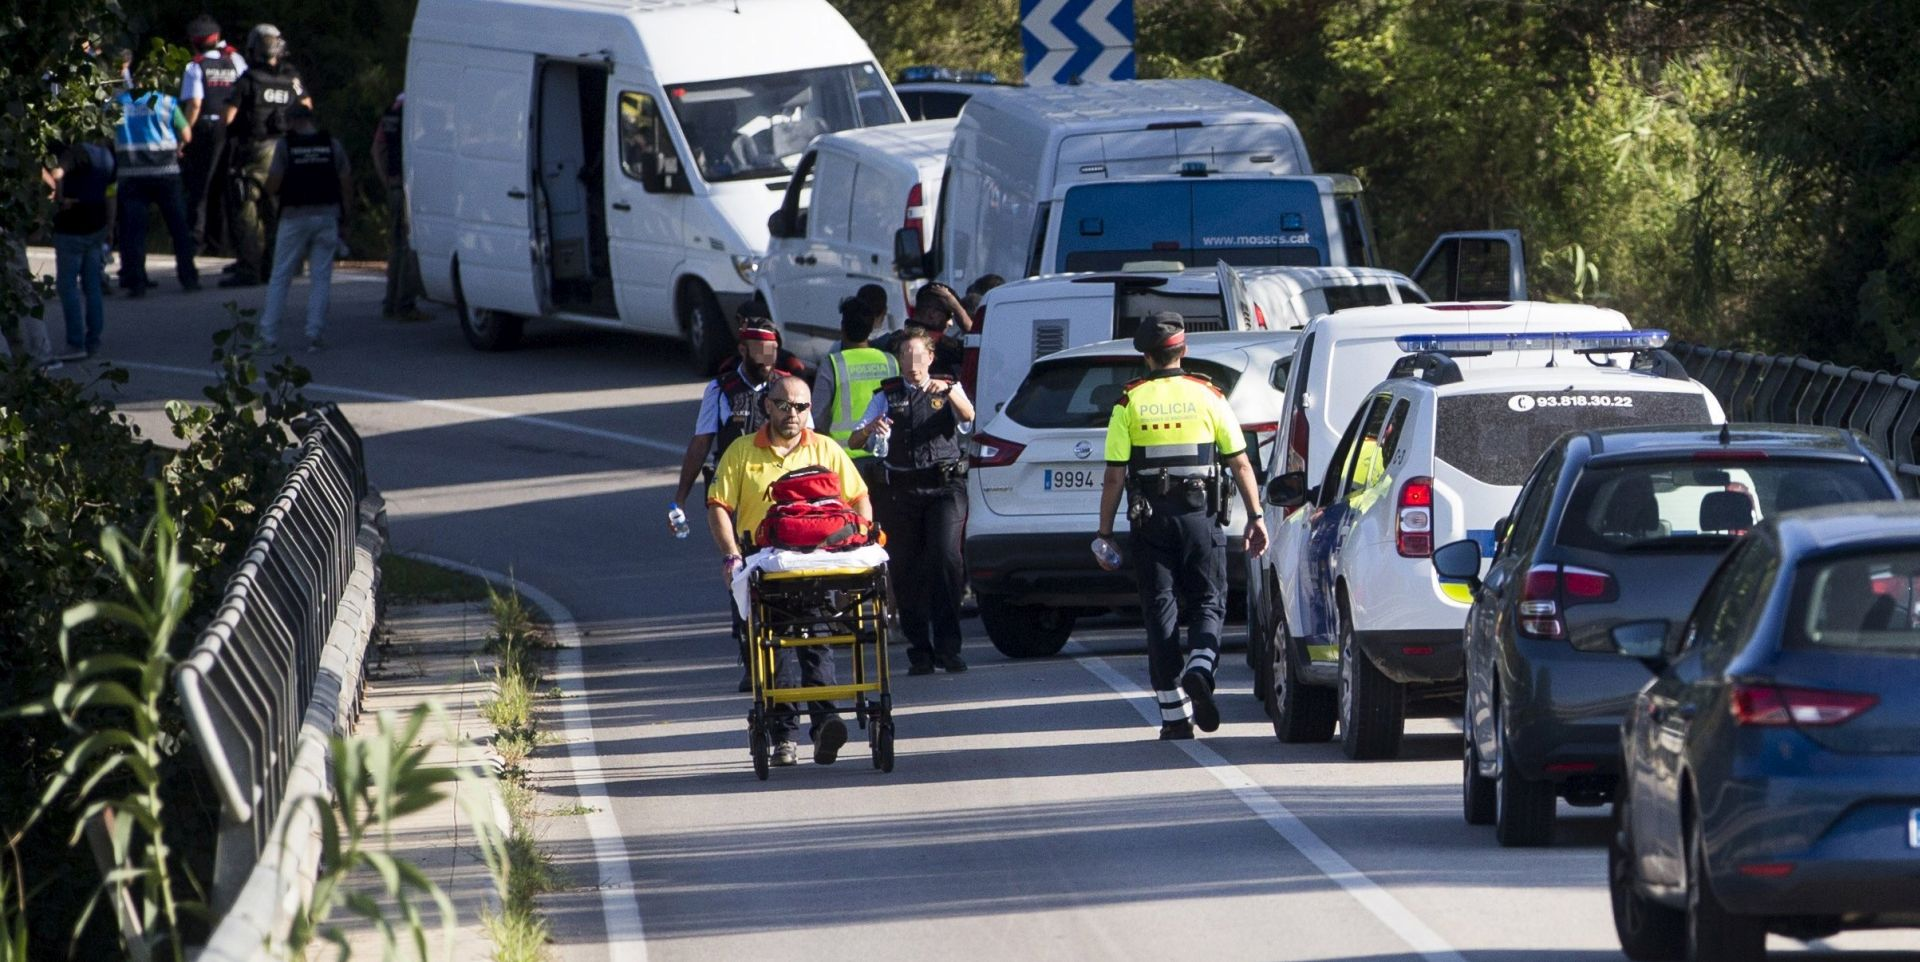 ISTRAGA SE NASTAVLJA Uništena džihadistička teroristička ćelija u Kataloniji